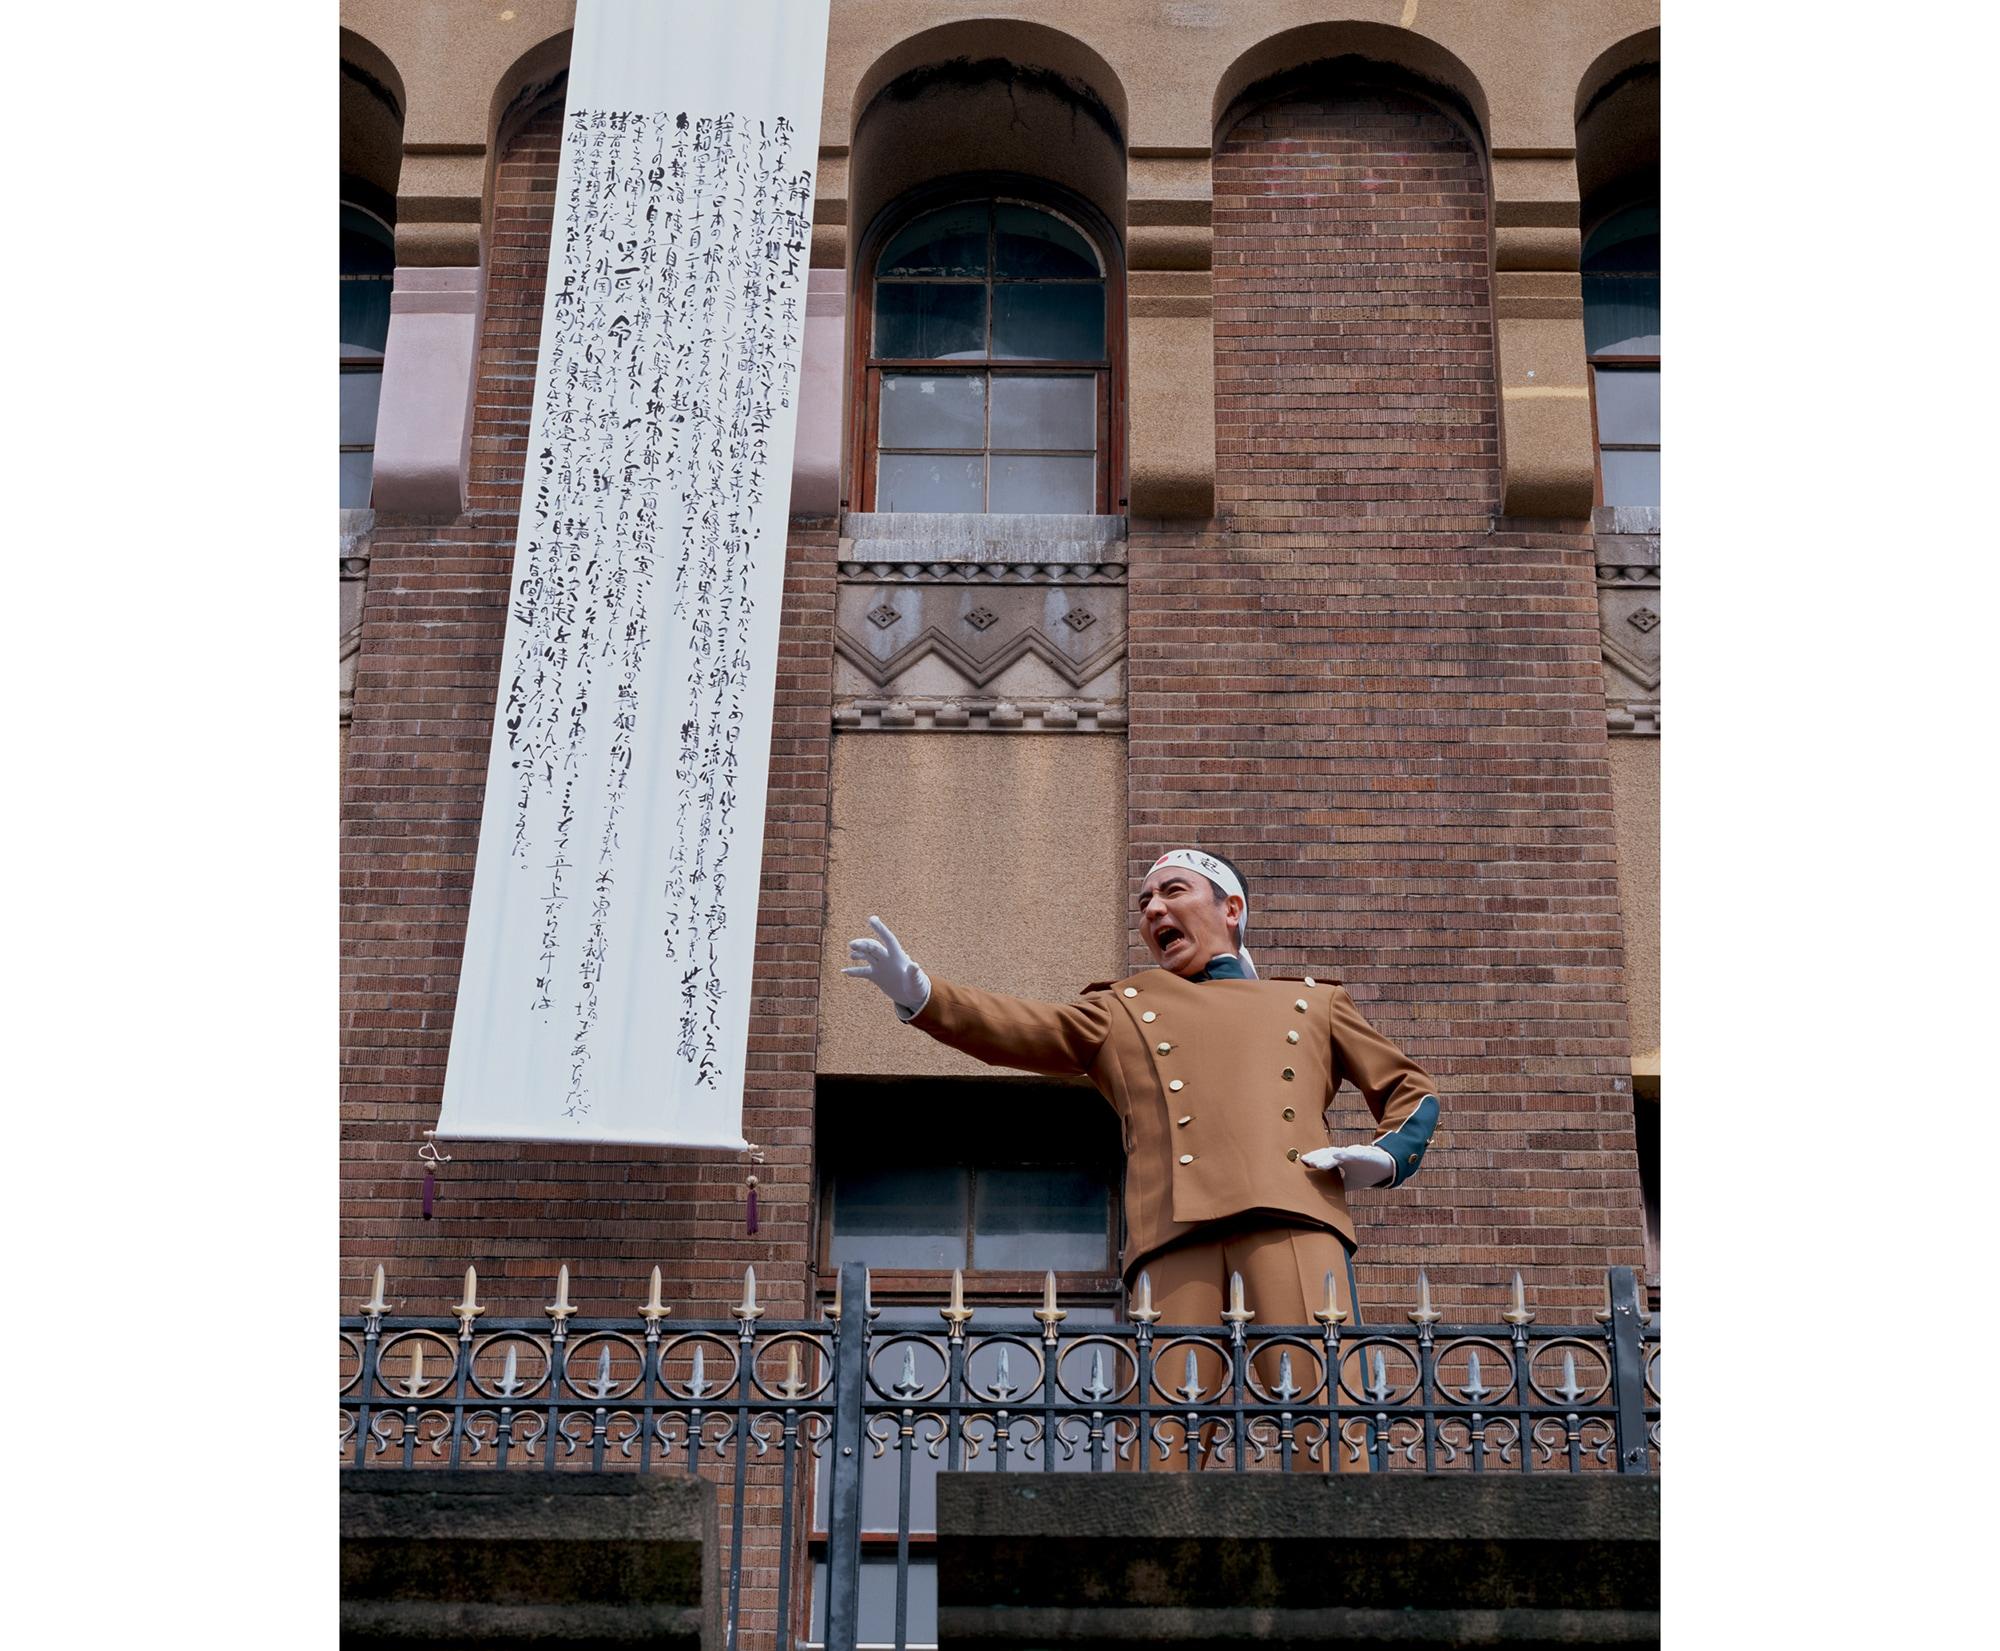 「なにものかへのレクイエム(MISHIMA 1970.11.25-2006.4.6)」2006 ©Yasumasa Morimura